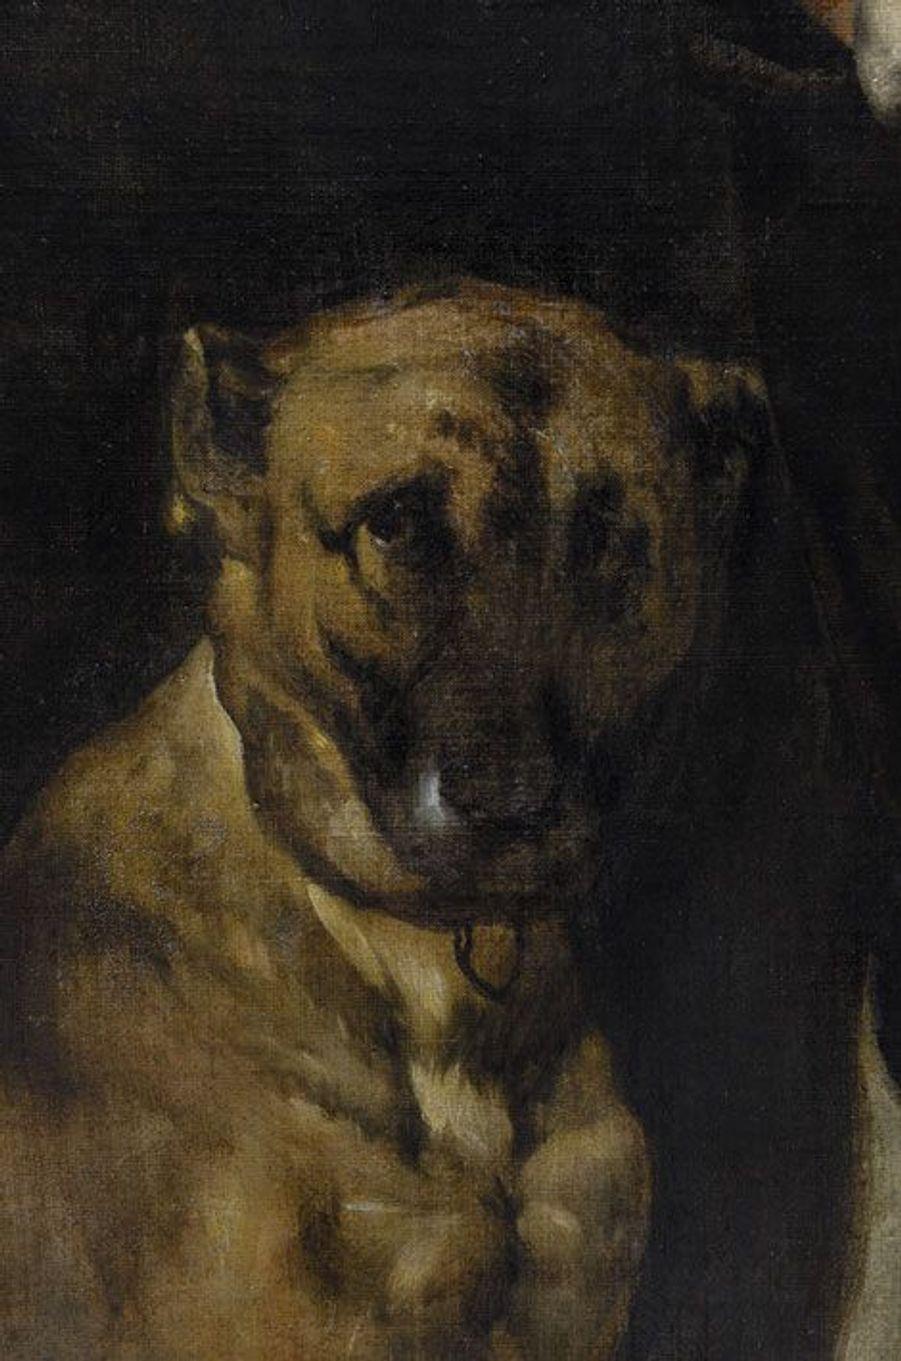 Sous son pinceau, même Philippe IV est un sujet comme les autres. On a longtemps cru que ce portrait du roi en chasseur provenait de l'atelier de Velazquez. Mais la qualité d'exécution du gant et du chien a permis aux experts de conclure qu'il s'agissait bien d'un original. Les radios ont démontré l'existence d'un «repentir» au niveau du col: Velazquez lui a ajouté des dentelles. Sautant l'étape des esquisses, le peintre composait directement sur la toile. Certains tableaux étaient commandés en plusieurs exemplaires; les copies pouvaient alors être réalisées par de talentueux assistants. Les analyses permettent, aujourd'hui, de reconnaître le style – et les tics – du maître.